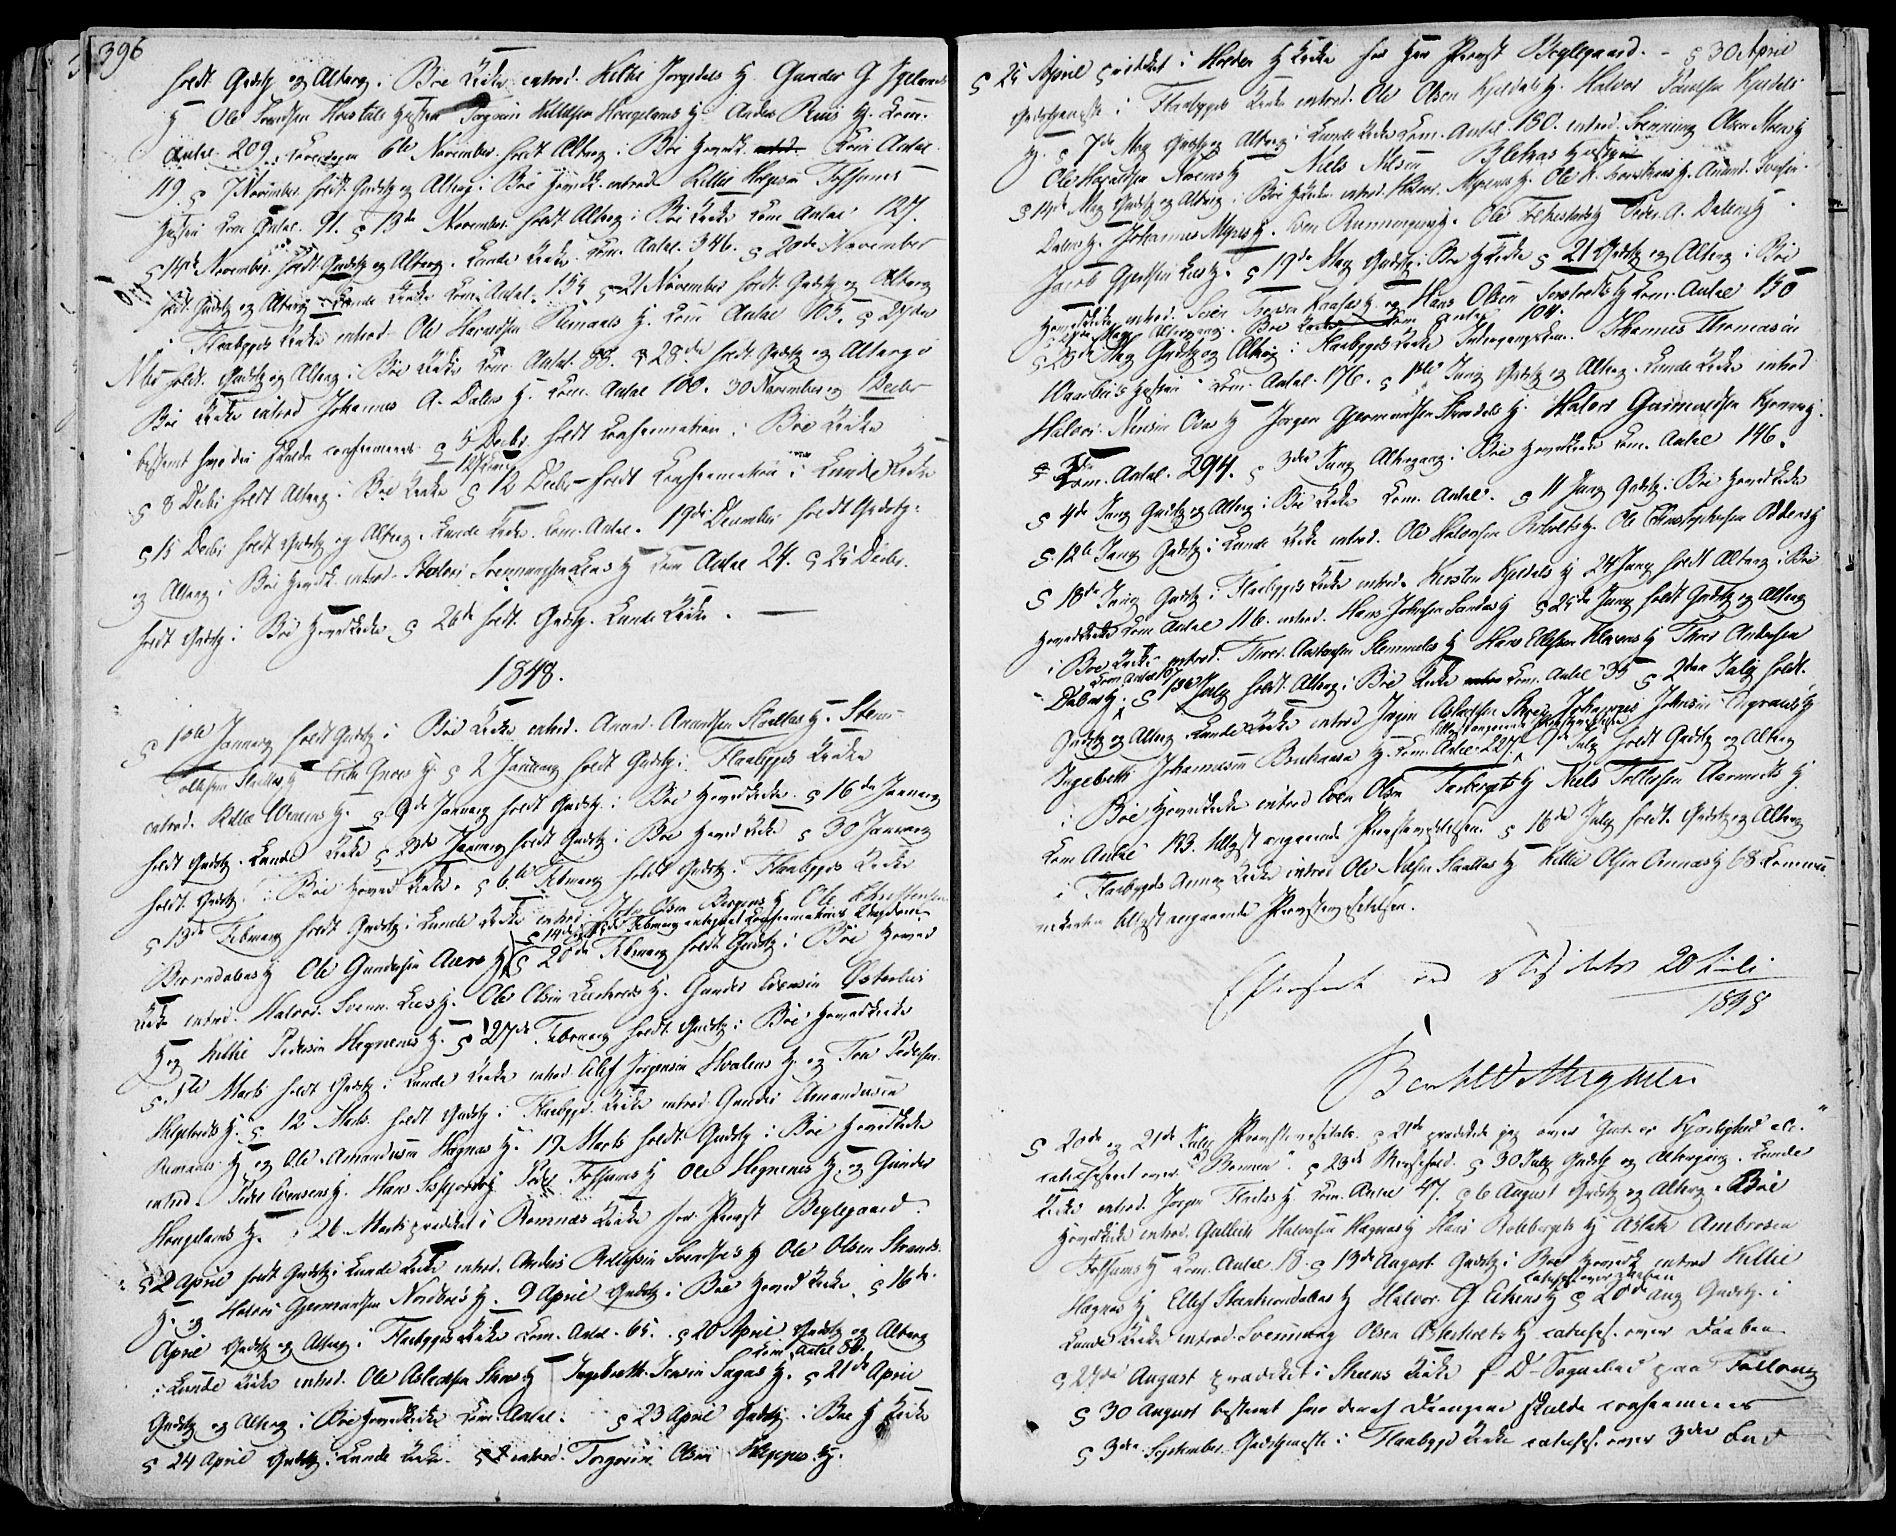 SAKO, Bø kirkebøker, F/Fa/L0007: Ministerialbok nr. 7, 1831-1848, s. 396